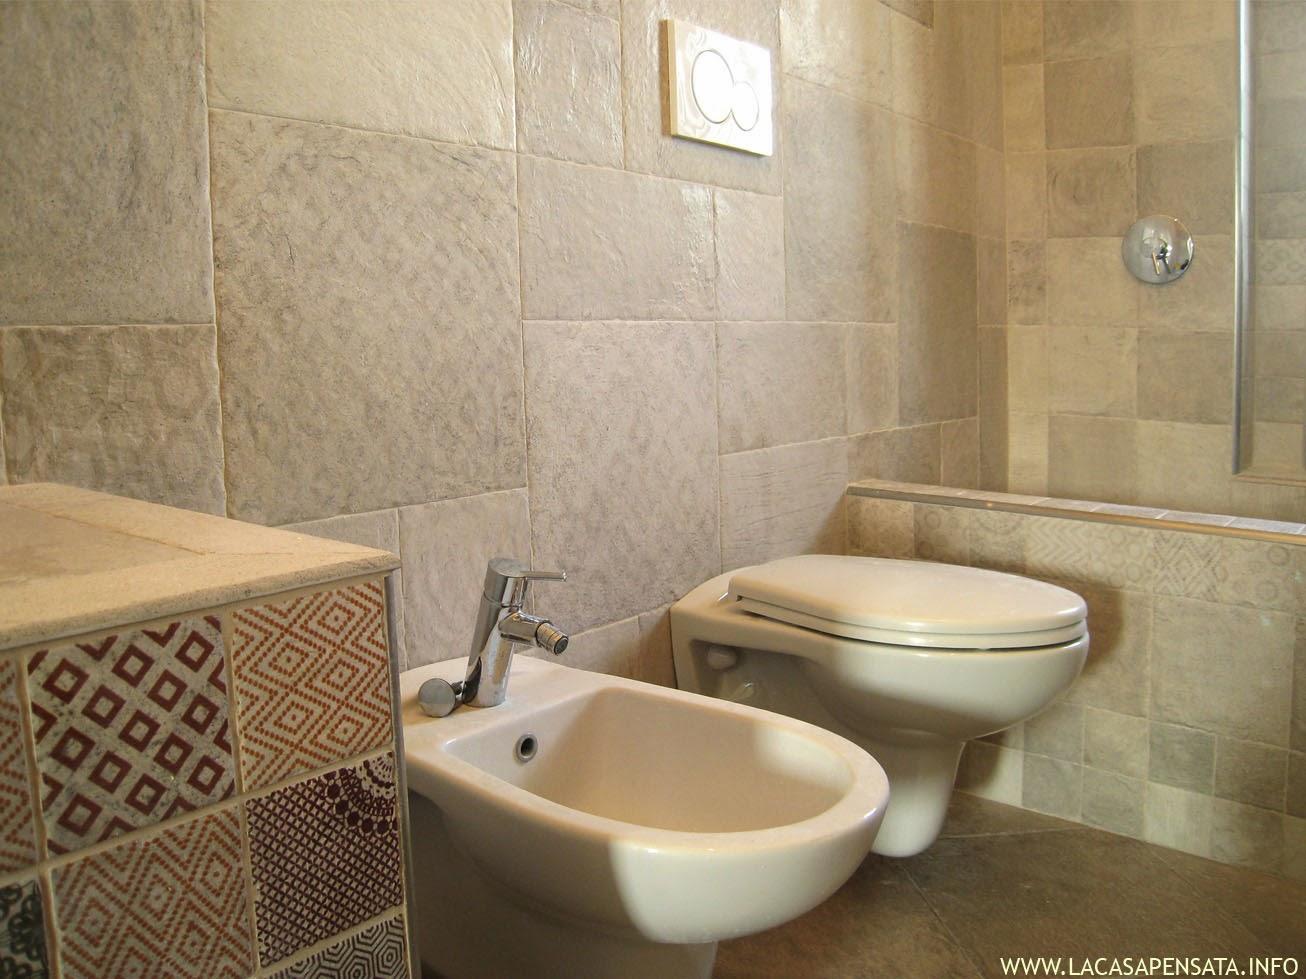 Conviene ristrutturare una casa vecchia o comprarla nuova - Ristrutturare bagno piccolo ...